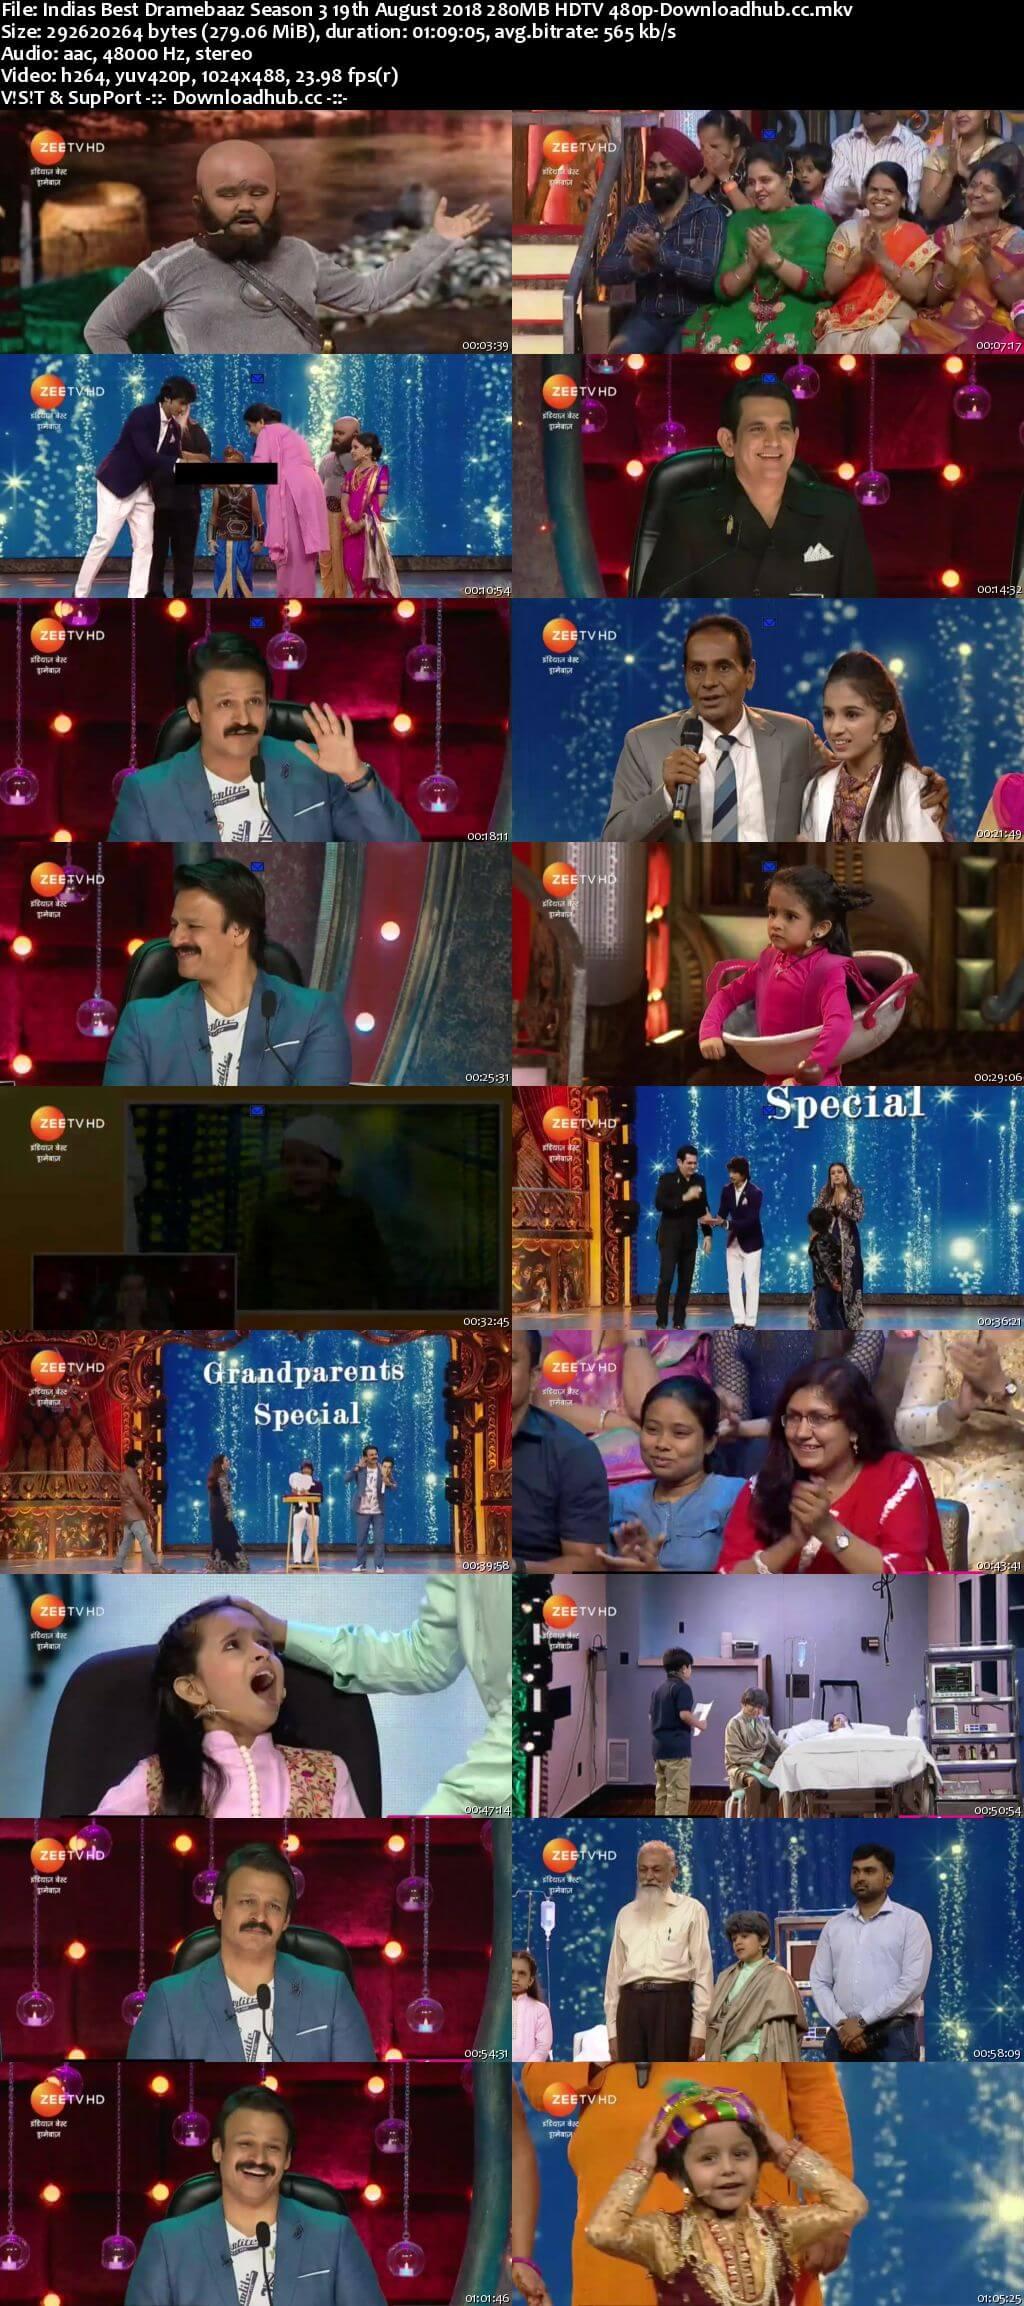 Indias Best Dramebaaz Season 3 19 August 2018 Episode 16 HDTV 480p